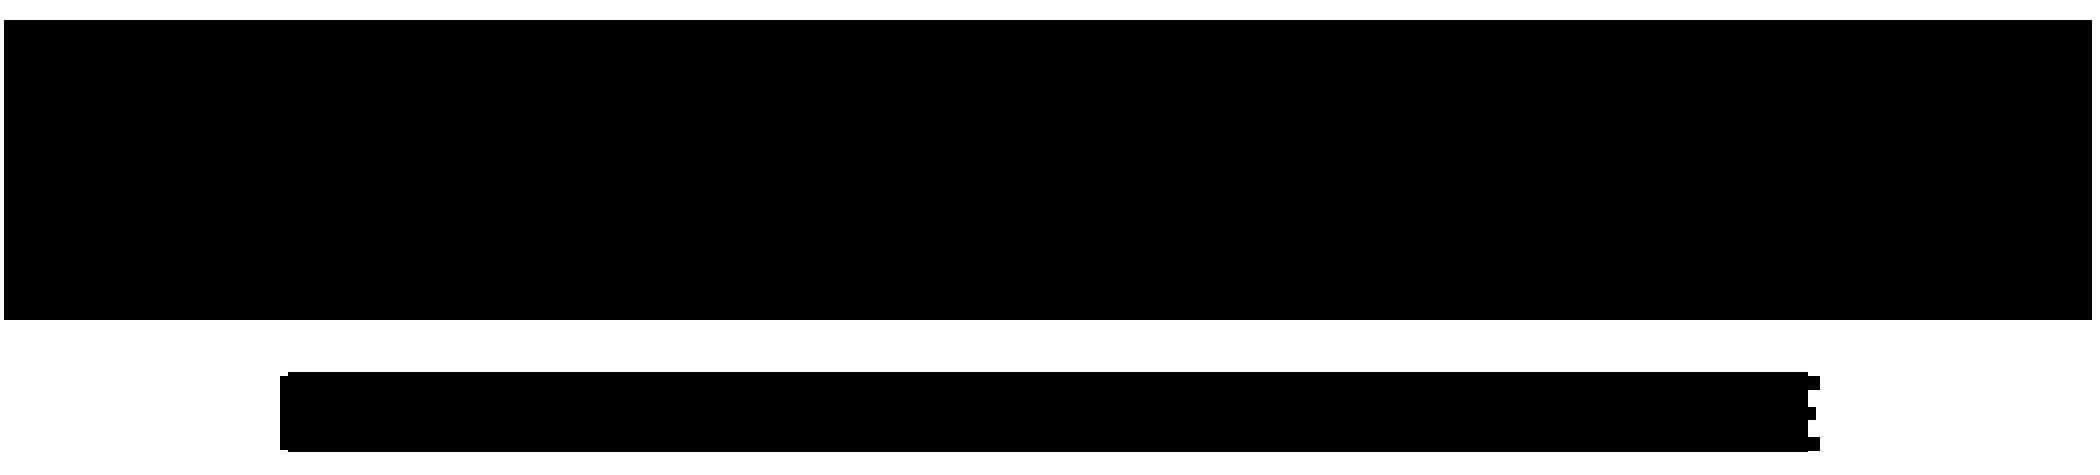 WEROSYS GmbH